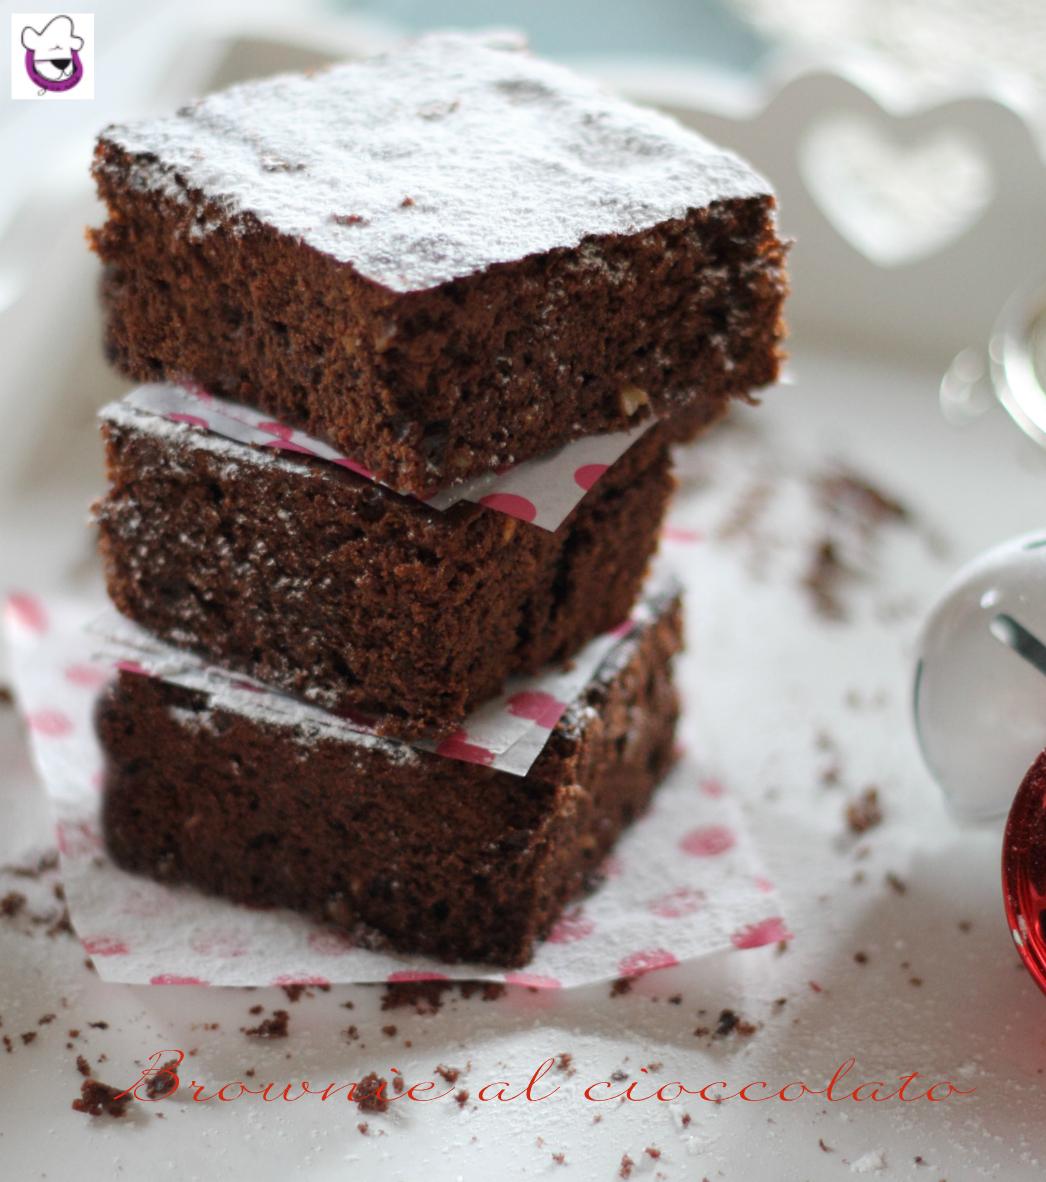 Ricetta brownie al cioccolato ricetta con e senza bimby for Bimby ricette dolci